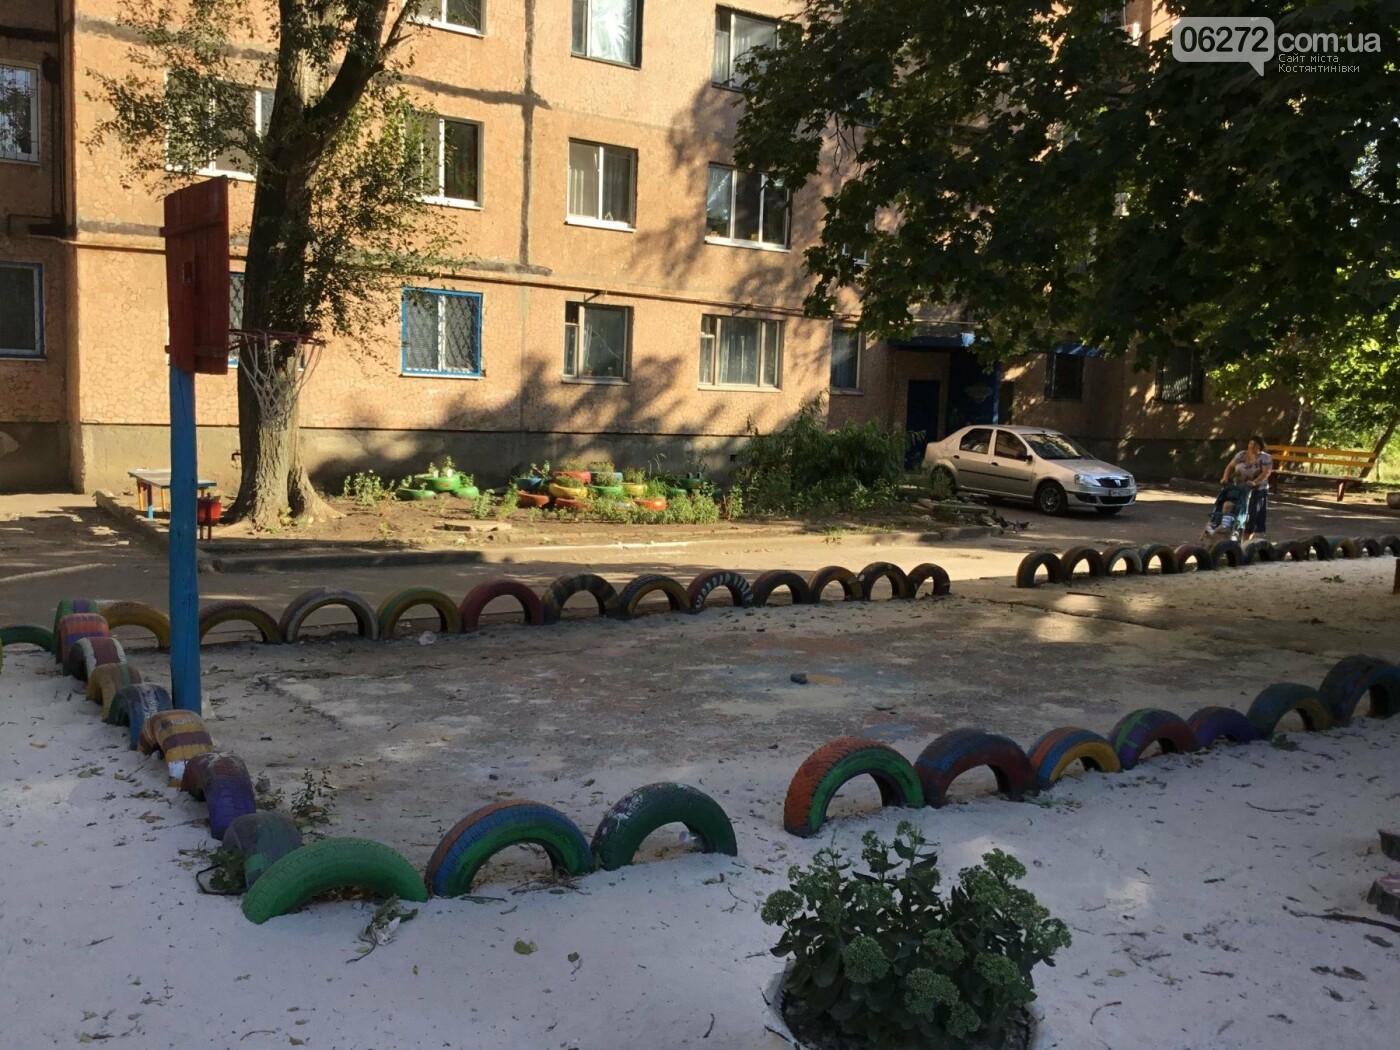 В Константиновке по ул. Безнощенко молодежь сделала спортивную площадку для детей, фото-2